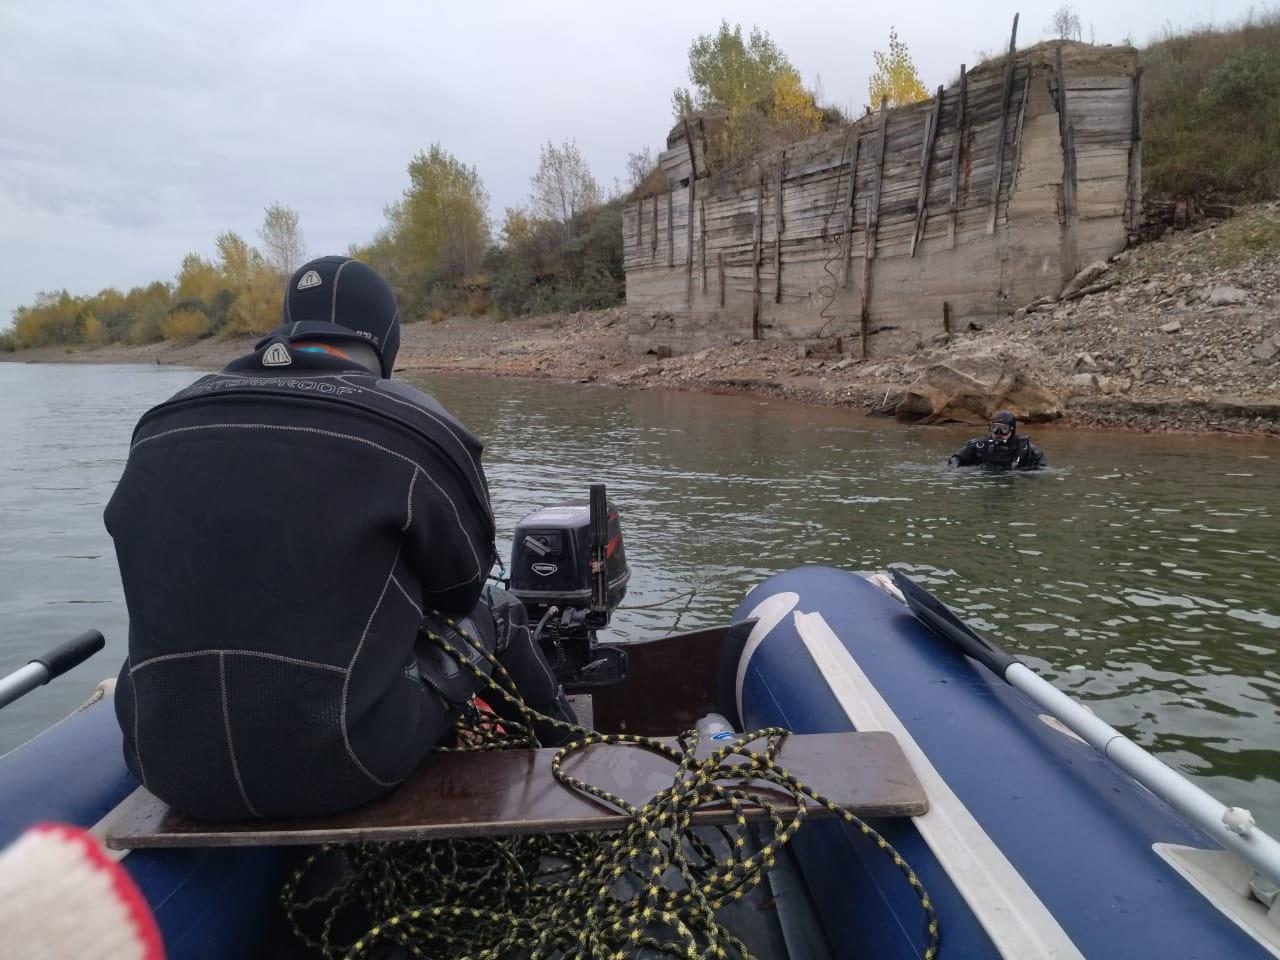 Фото «Это неистовый кайф»: профессиональный рыбак объяснил, почему фанаты удочек садятся в лодку в любую непогоду 2